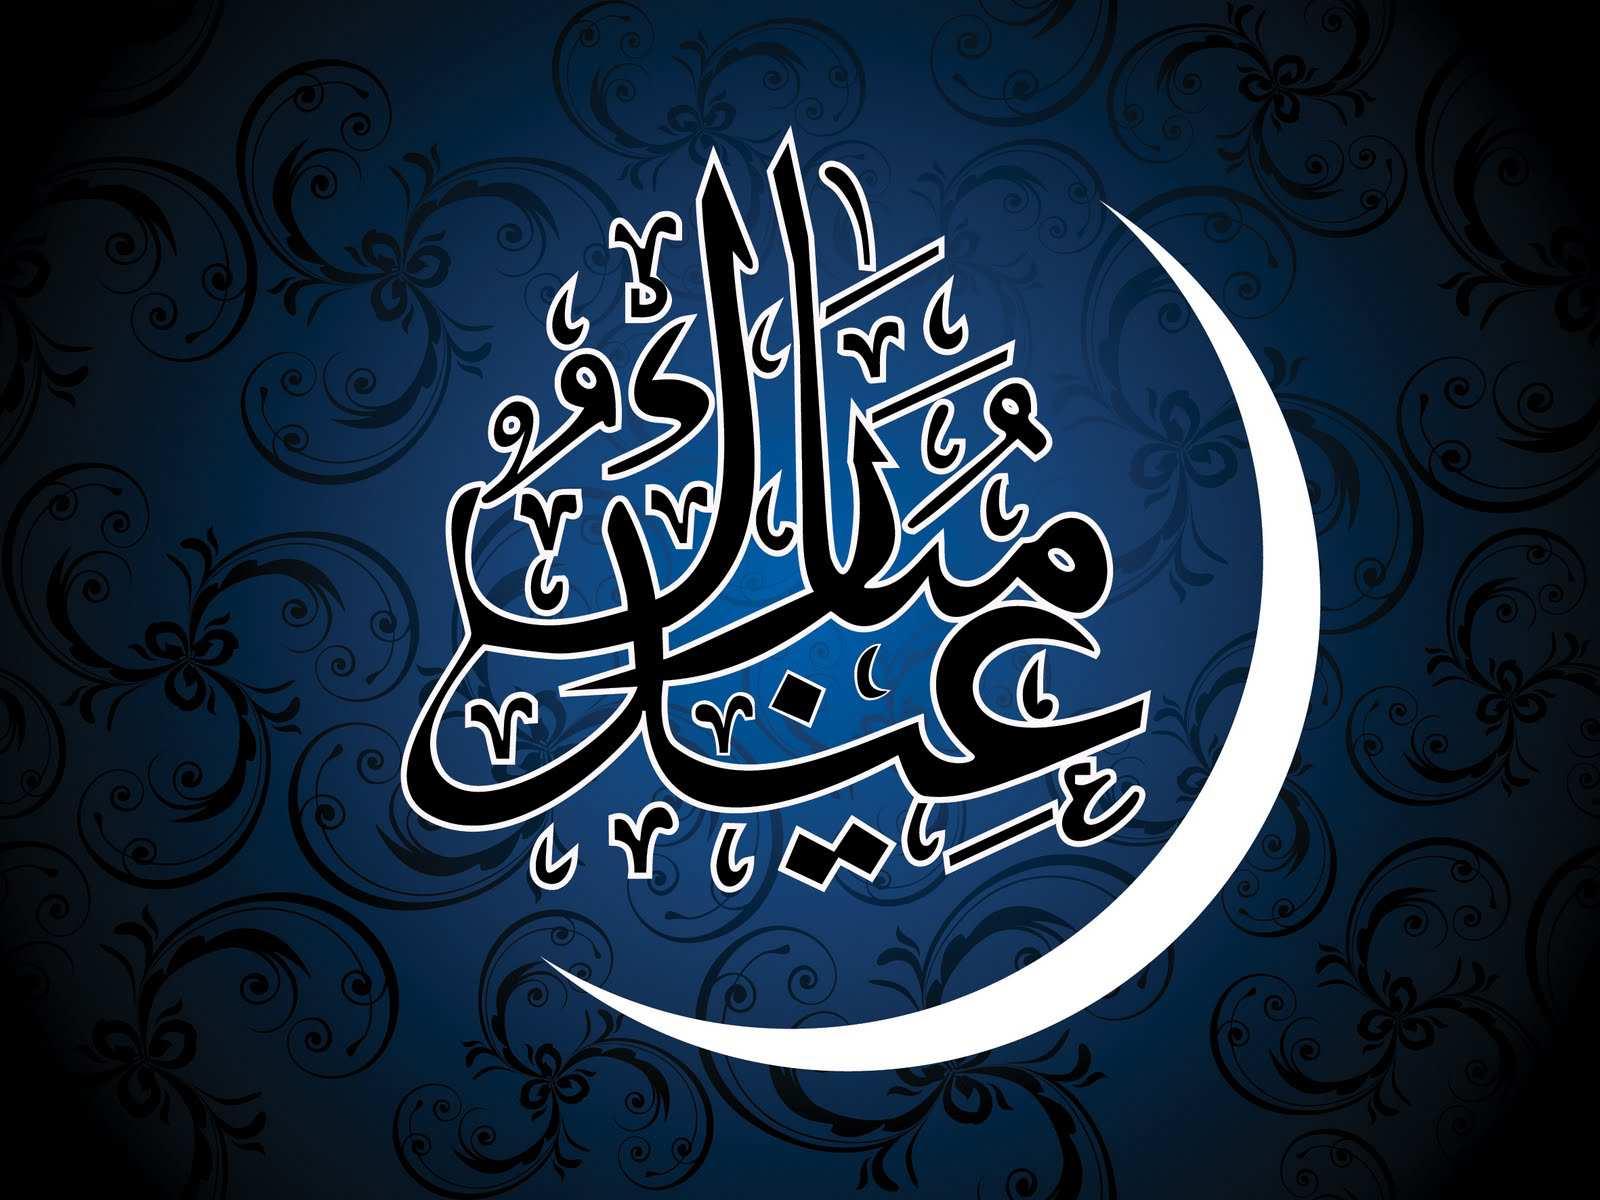 short essay on eid ul fitr in english essay on eid ul fitr in essay on eid ul fitr